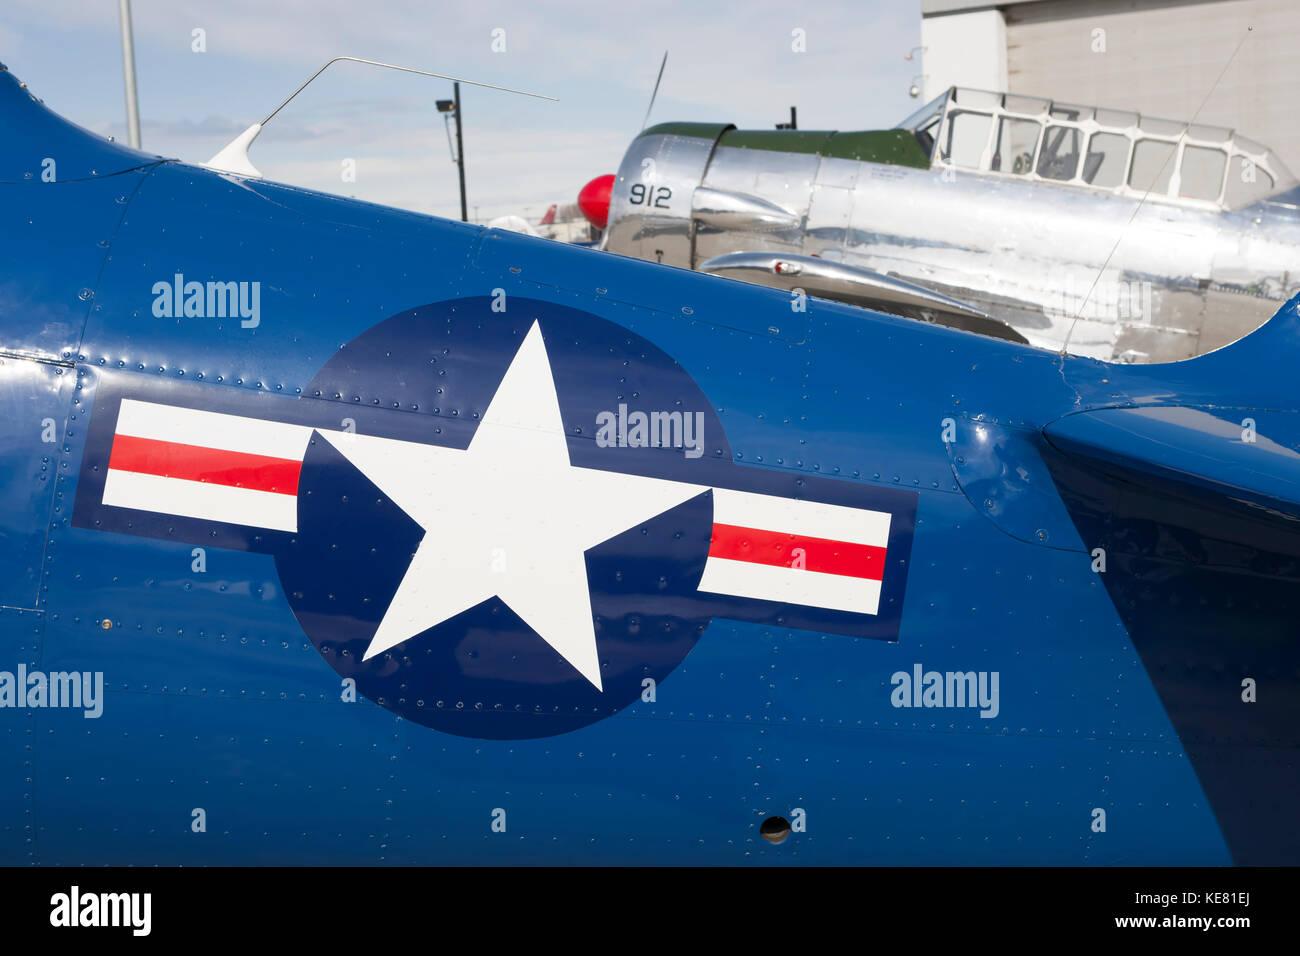 Vintage Wwii Aircraft At The Alaska Airmen's Air Show, Alaska, USA - Stock Image